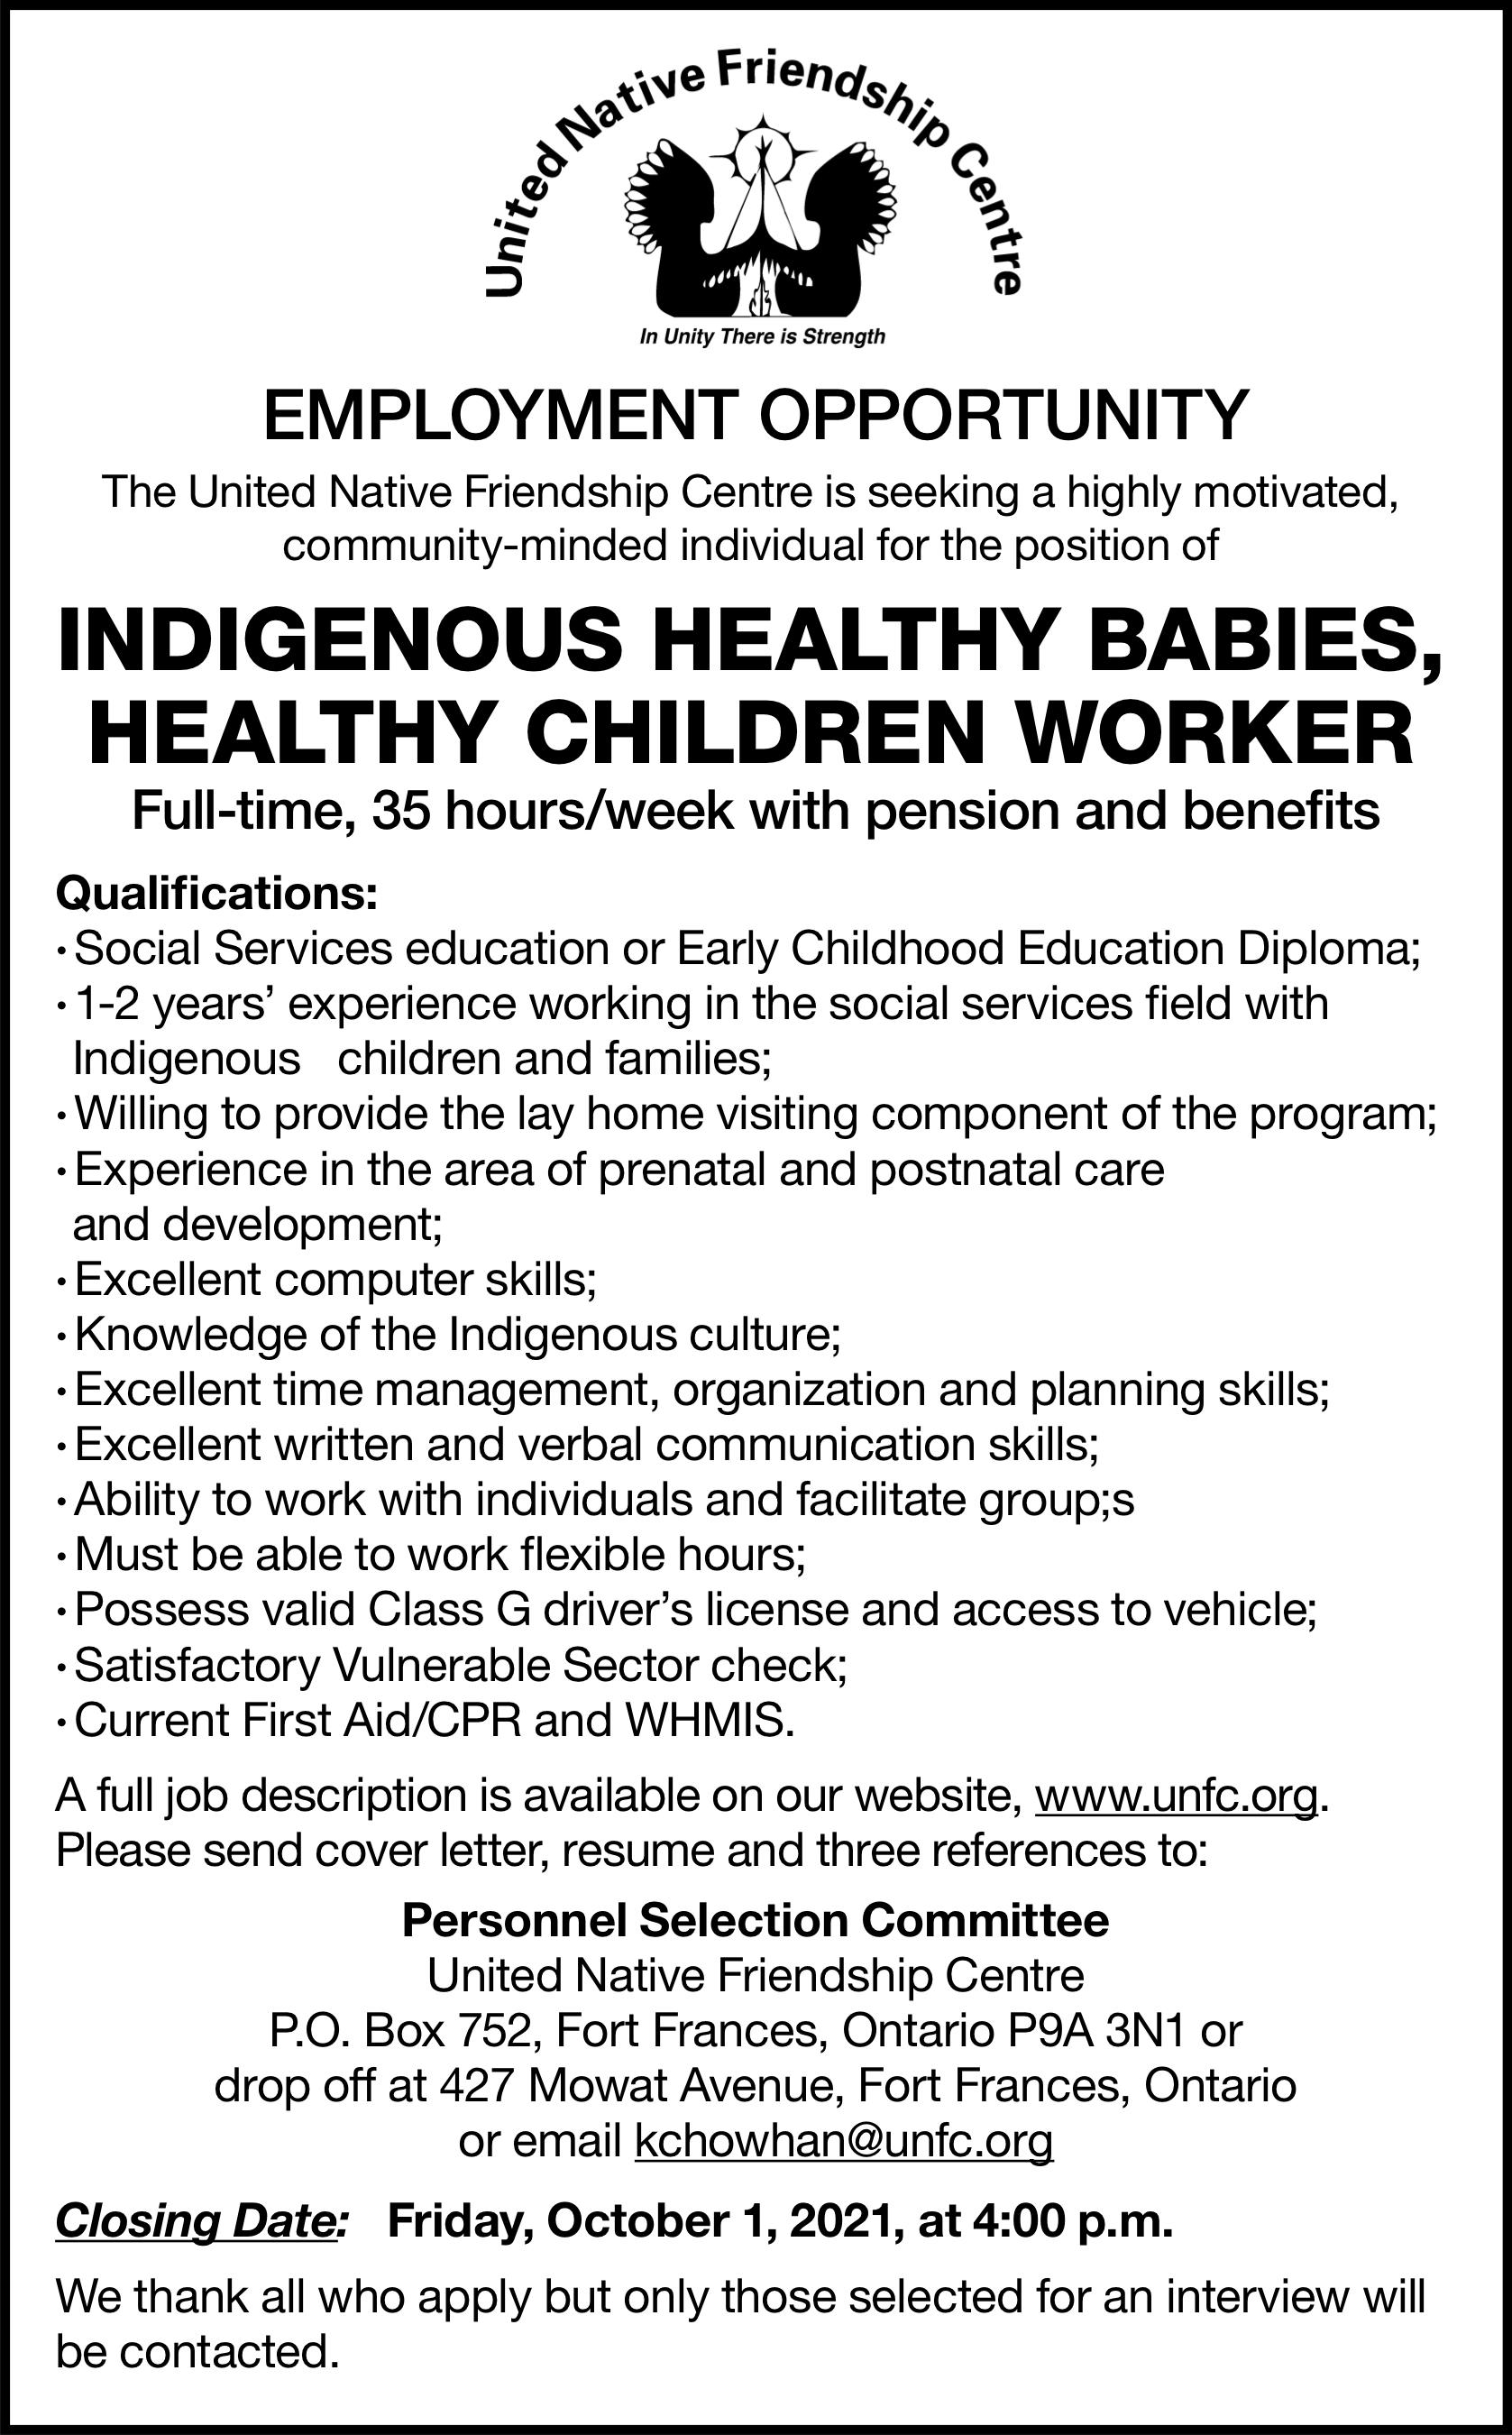 Indigenous Healthy Babies, Healthy Children Worker